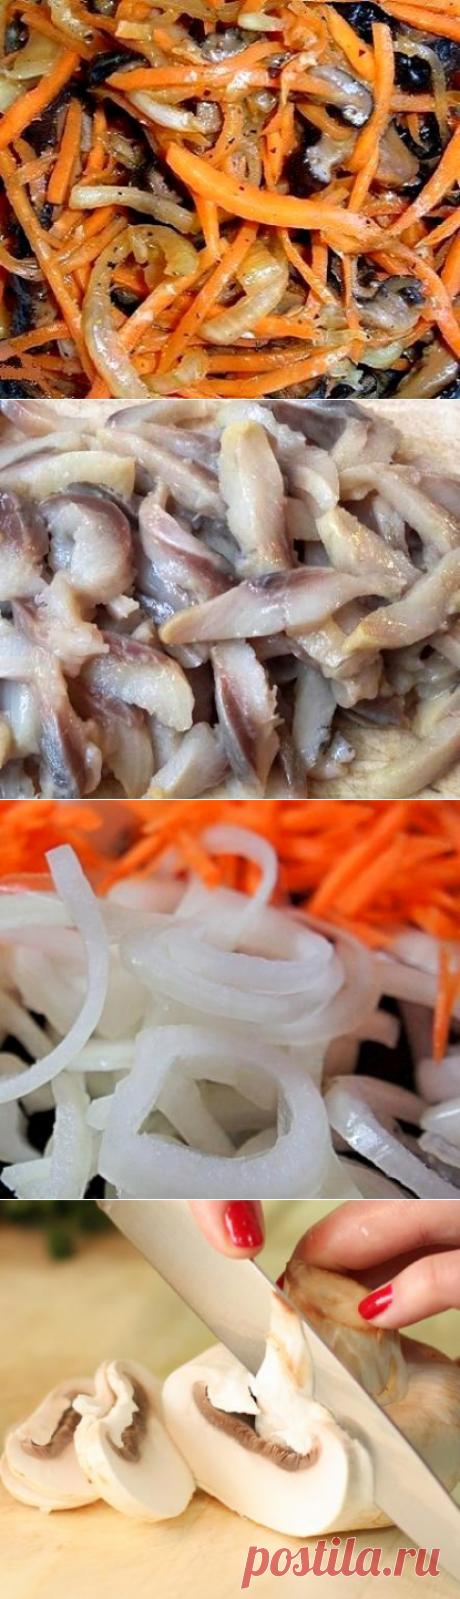 Литовский холодный салат-закуска с селёдкой силькие су сугунайс .